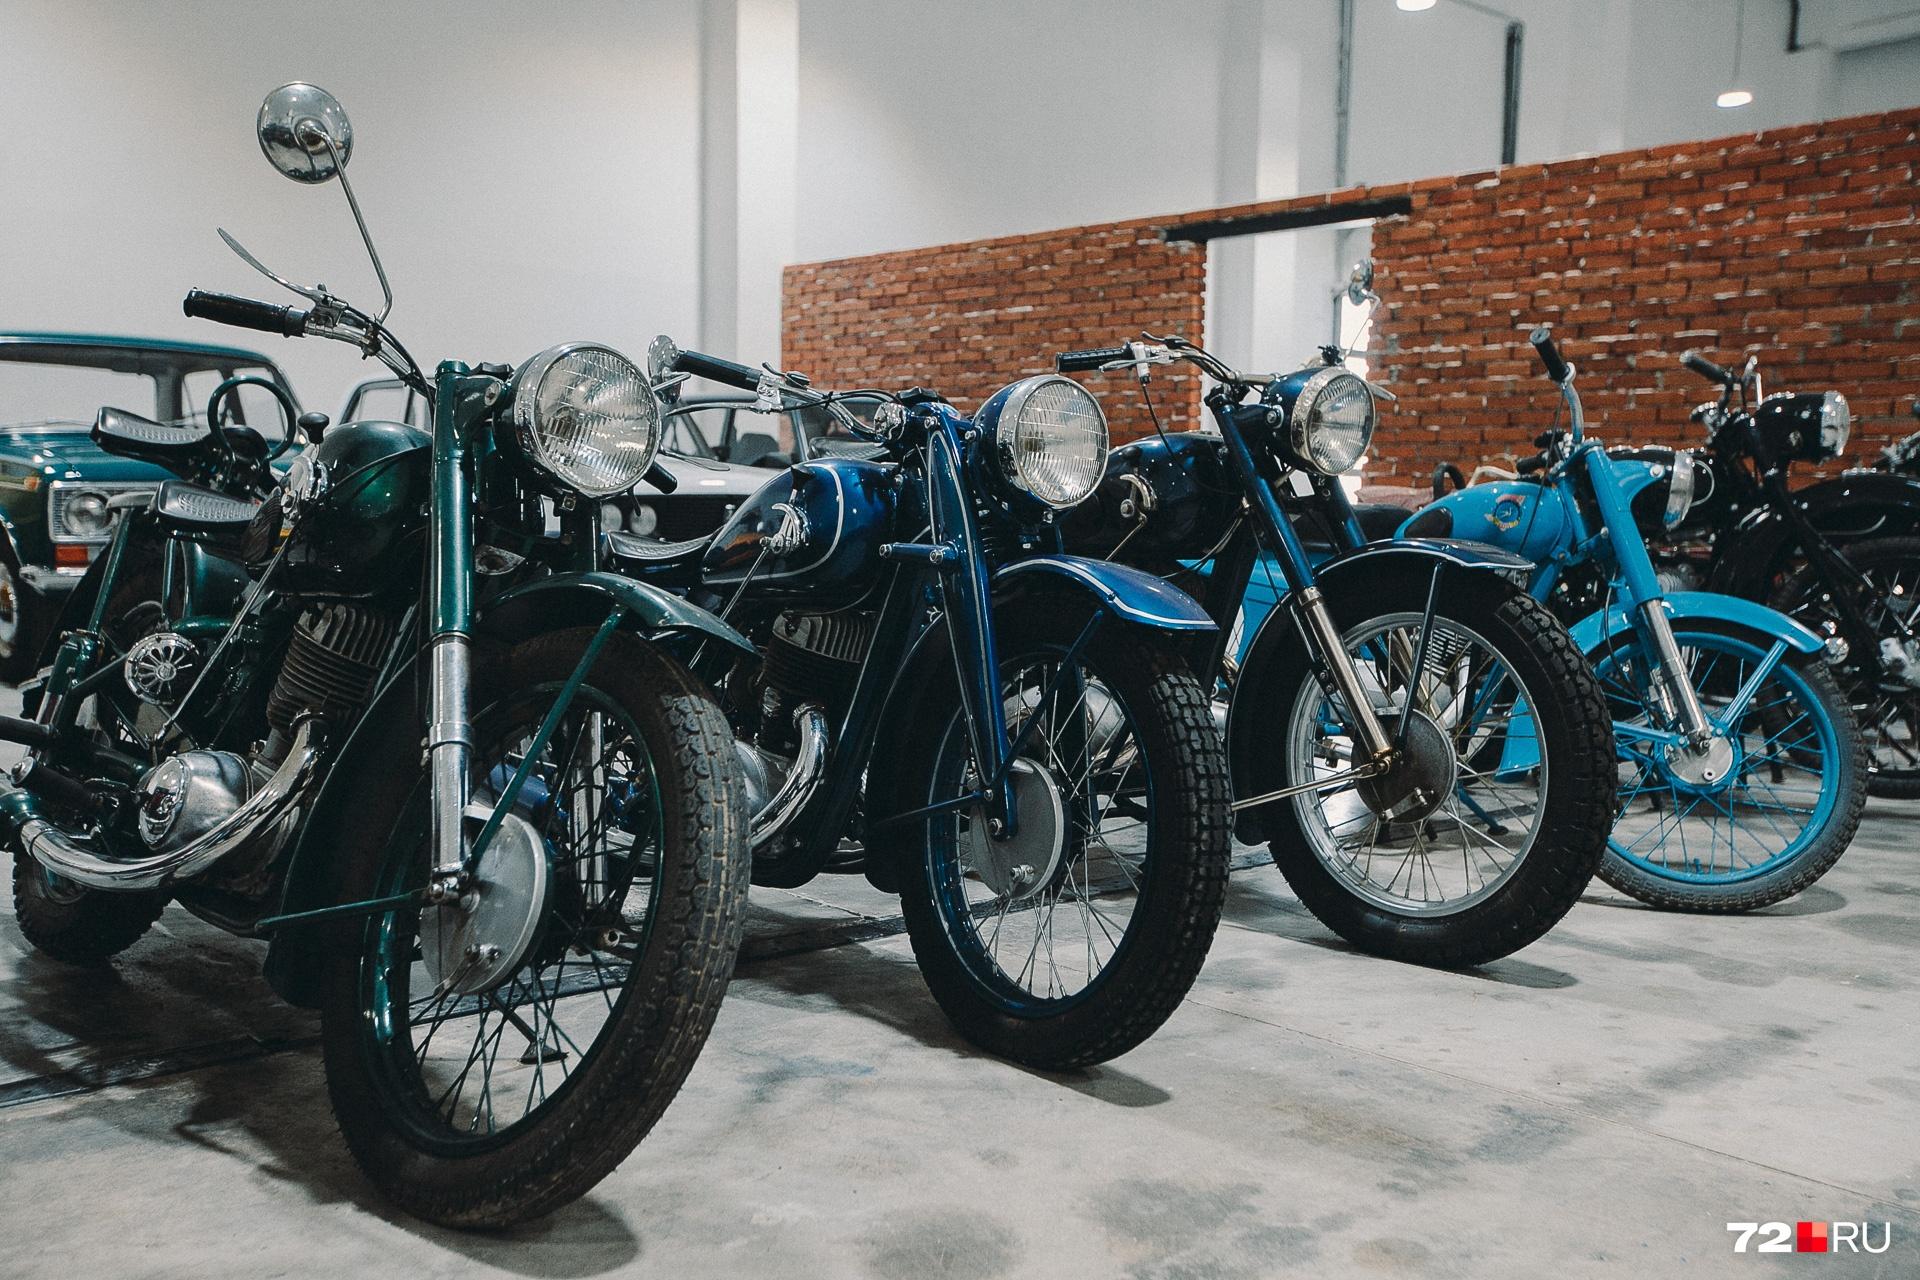 В музее можно увидеть с десяток самых разных мотоциклов